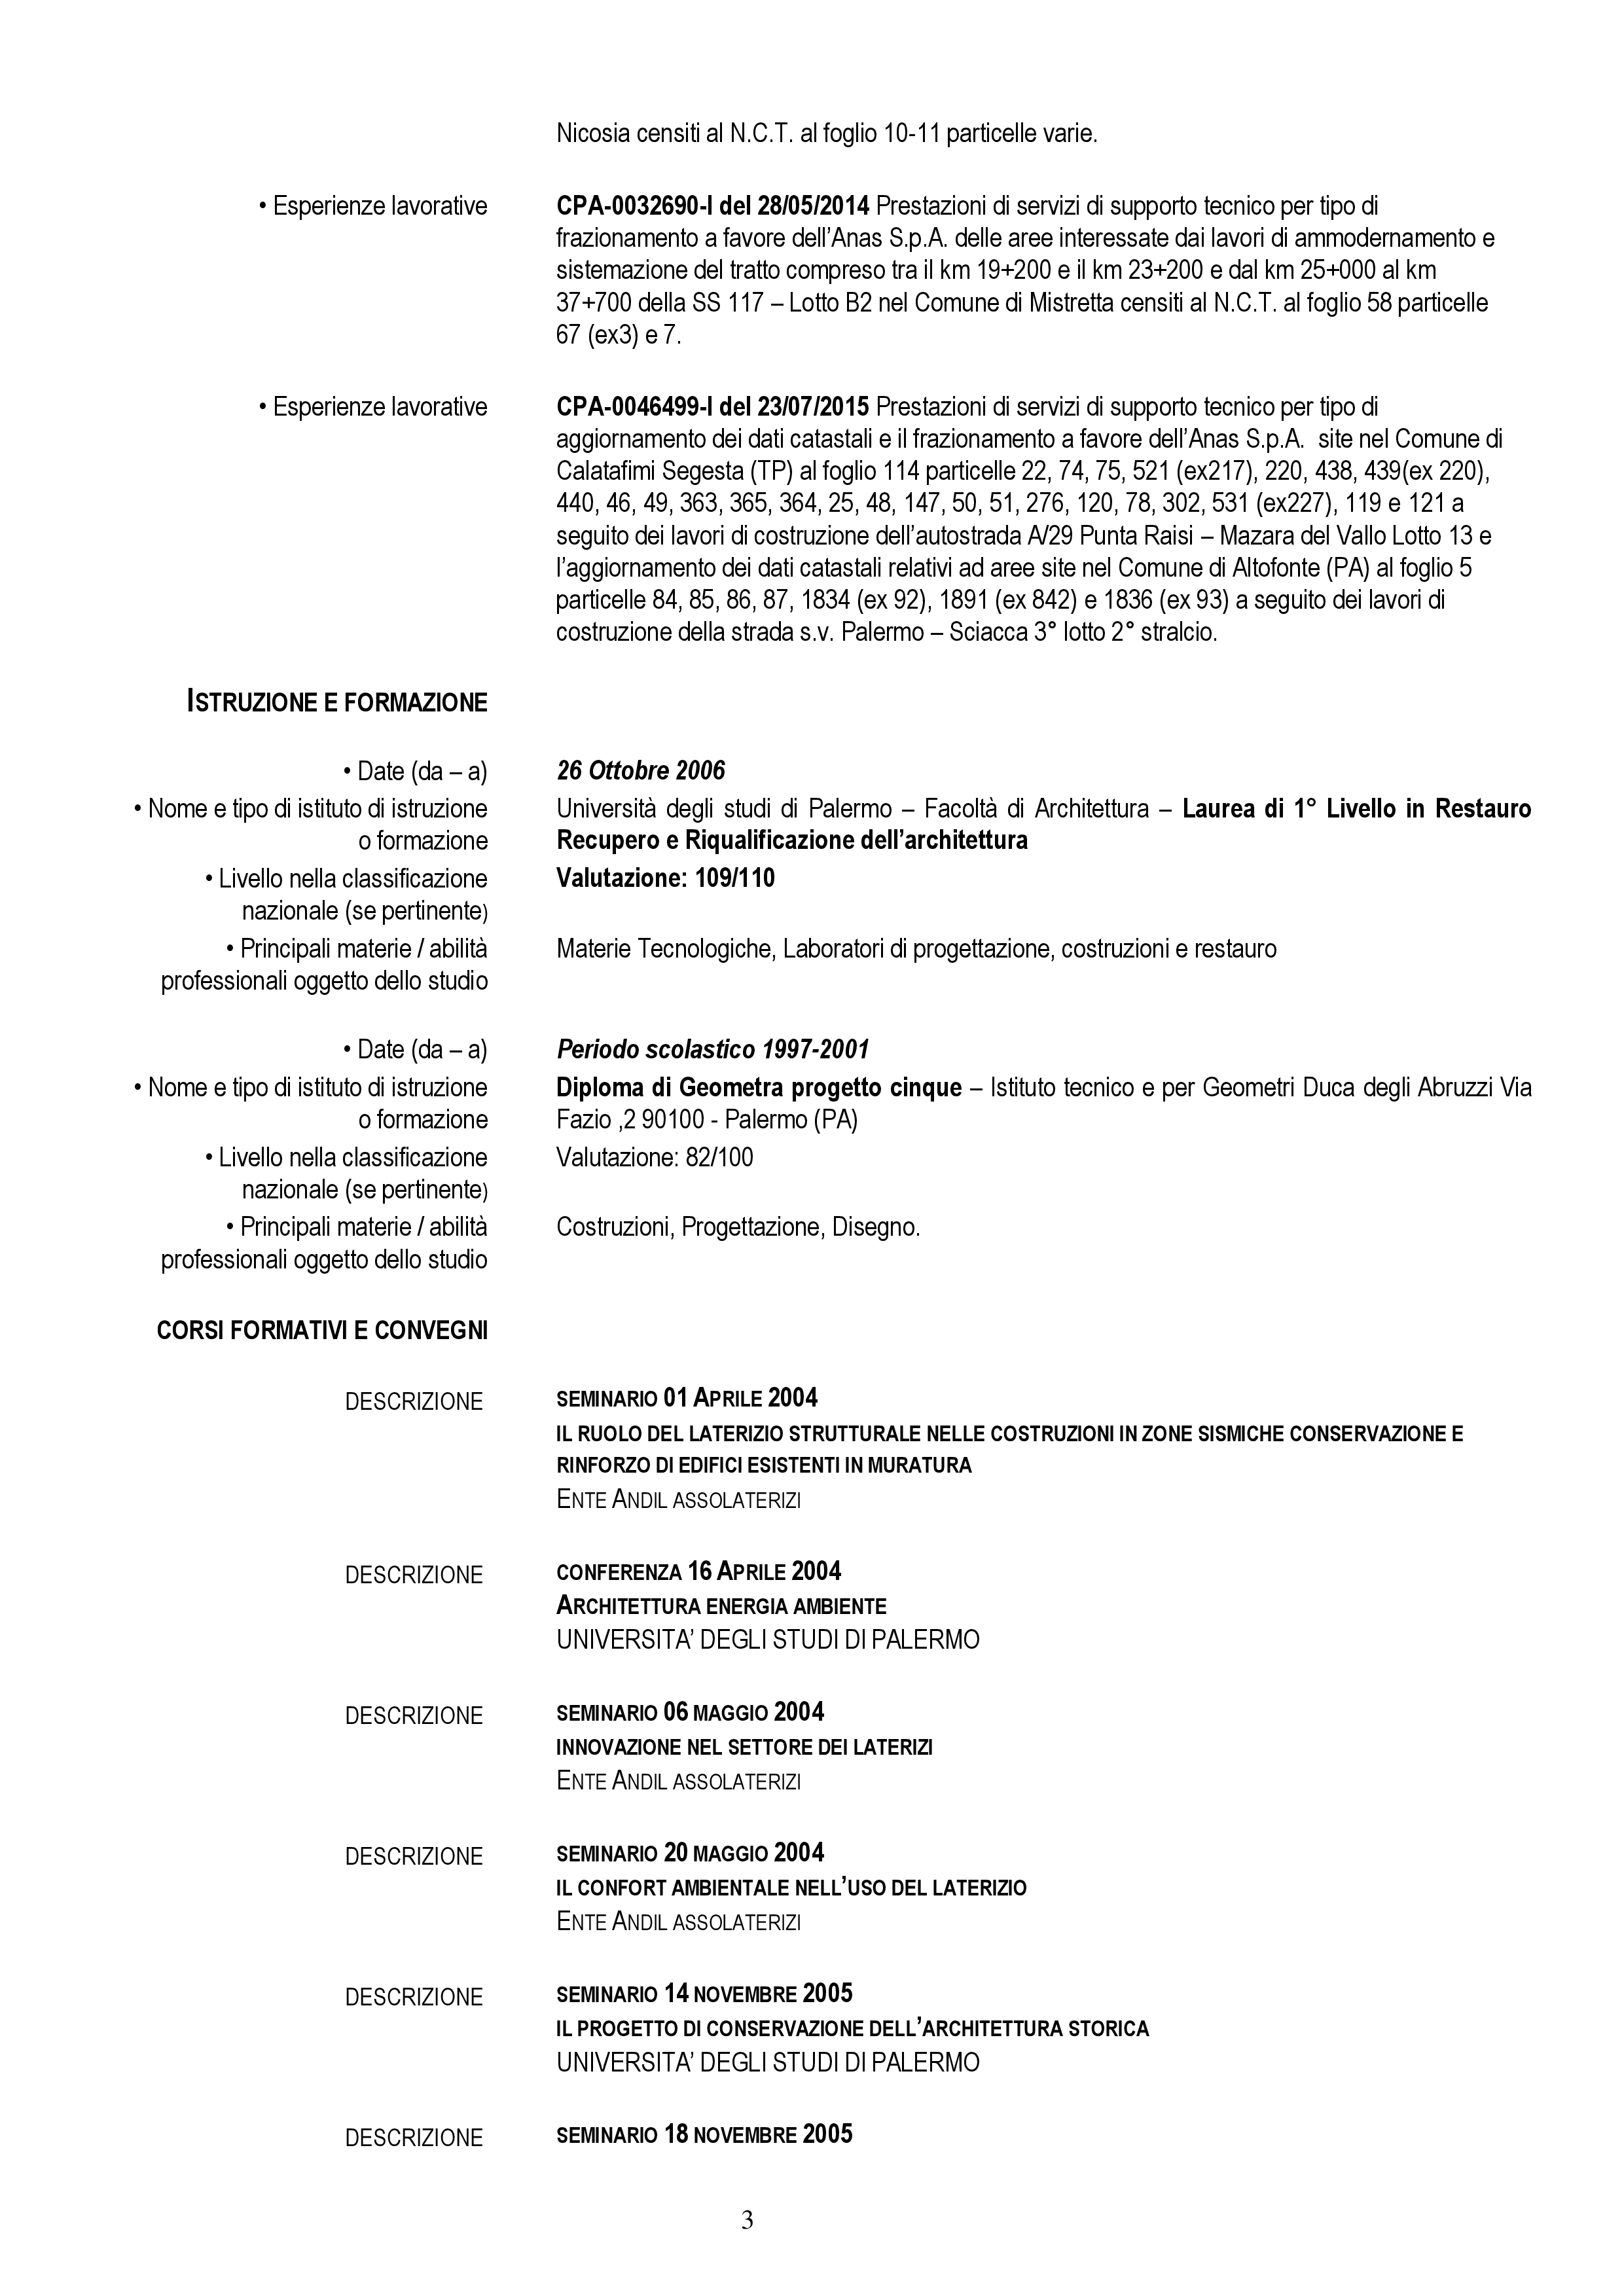 Curriculum_Europeo_Alessandro_Troia-003